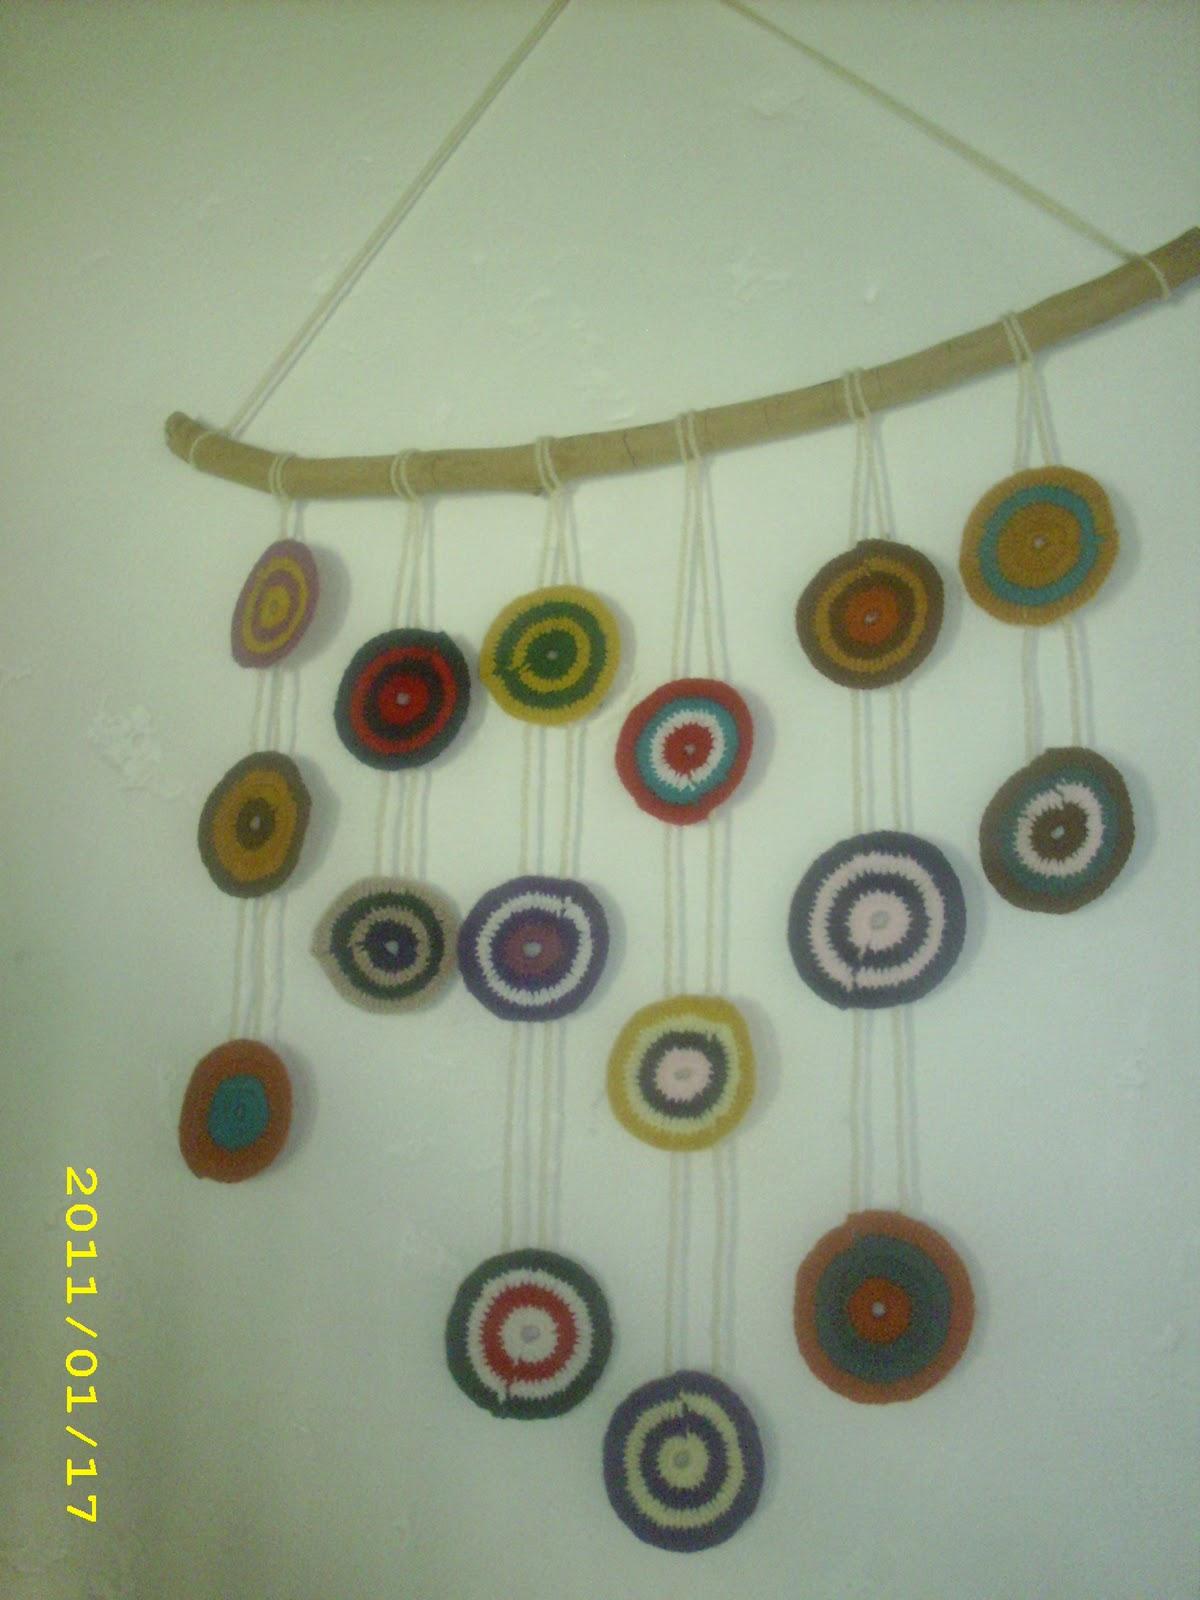 El taller de sof a adorno para pared en crochet - Adornos para pared ...